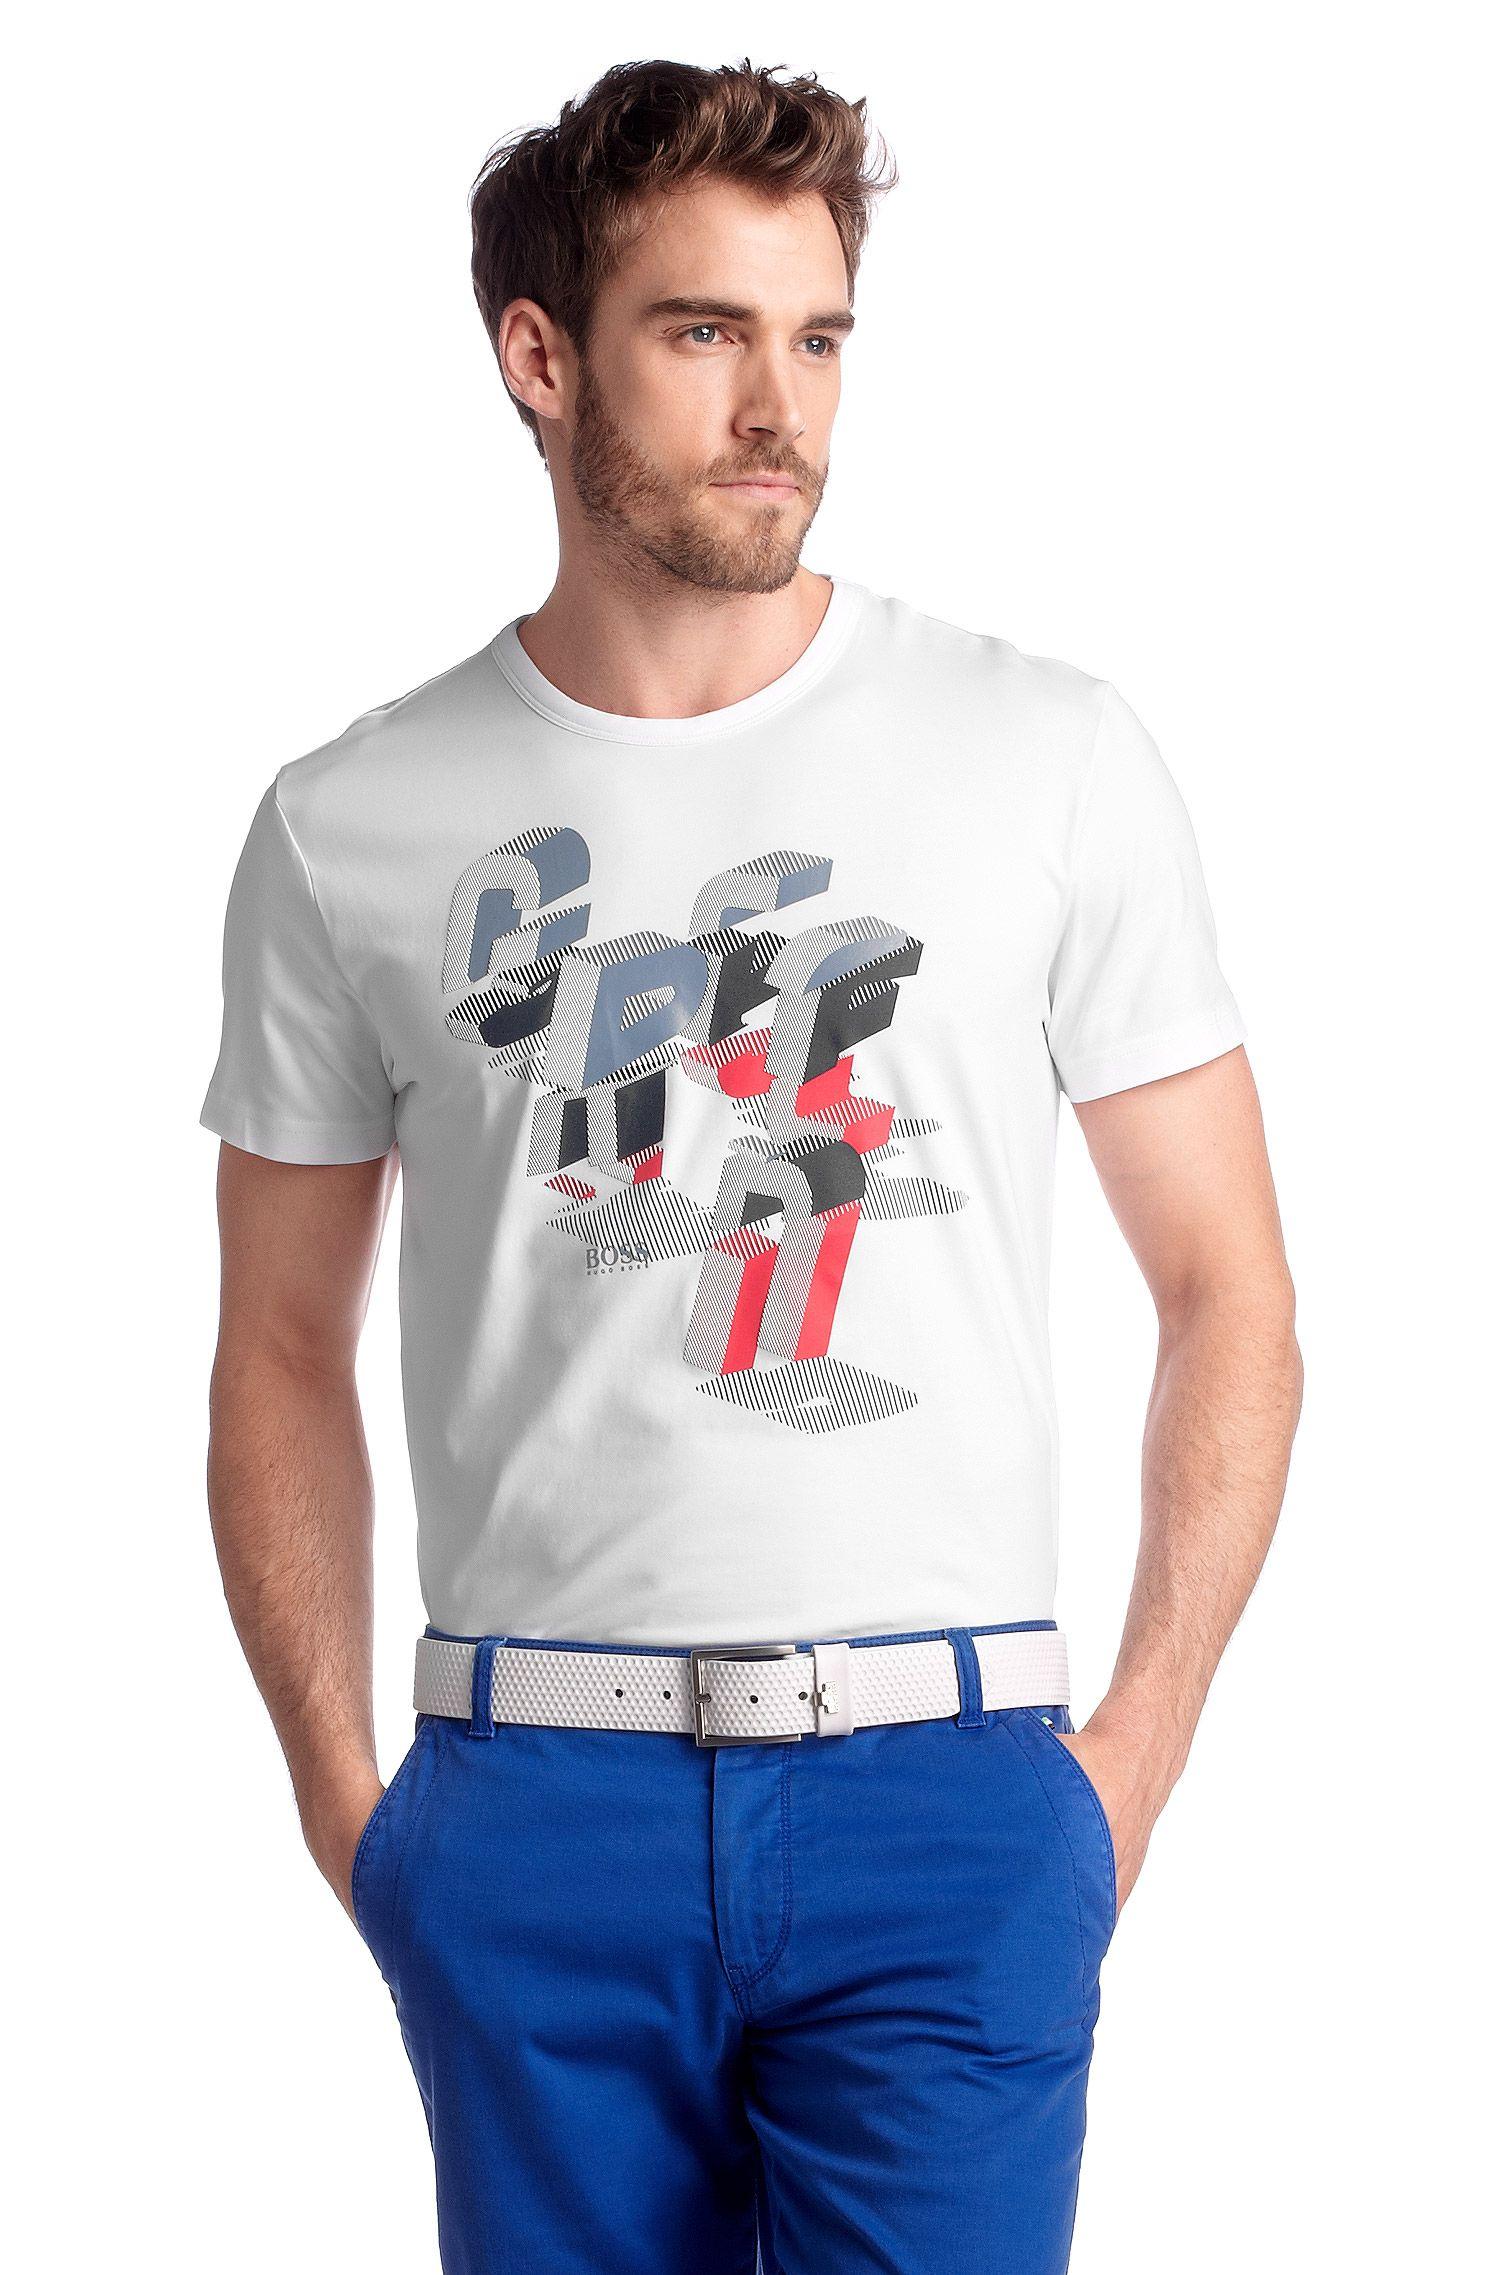 T-Shirt ´Tee 5` mit Rundhals-Ausschnitt